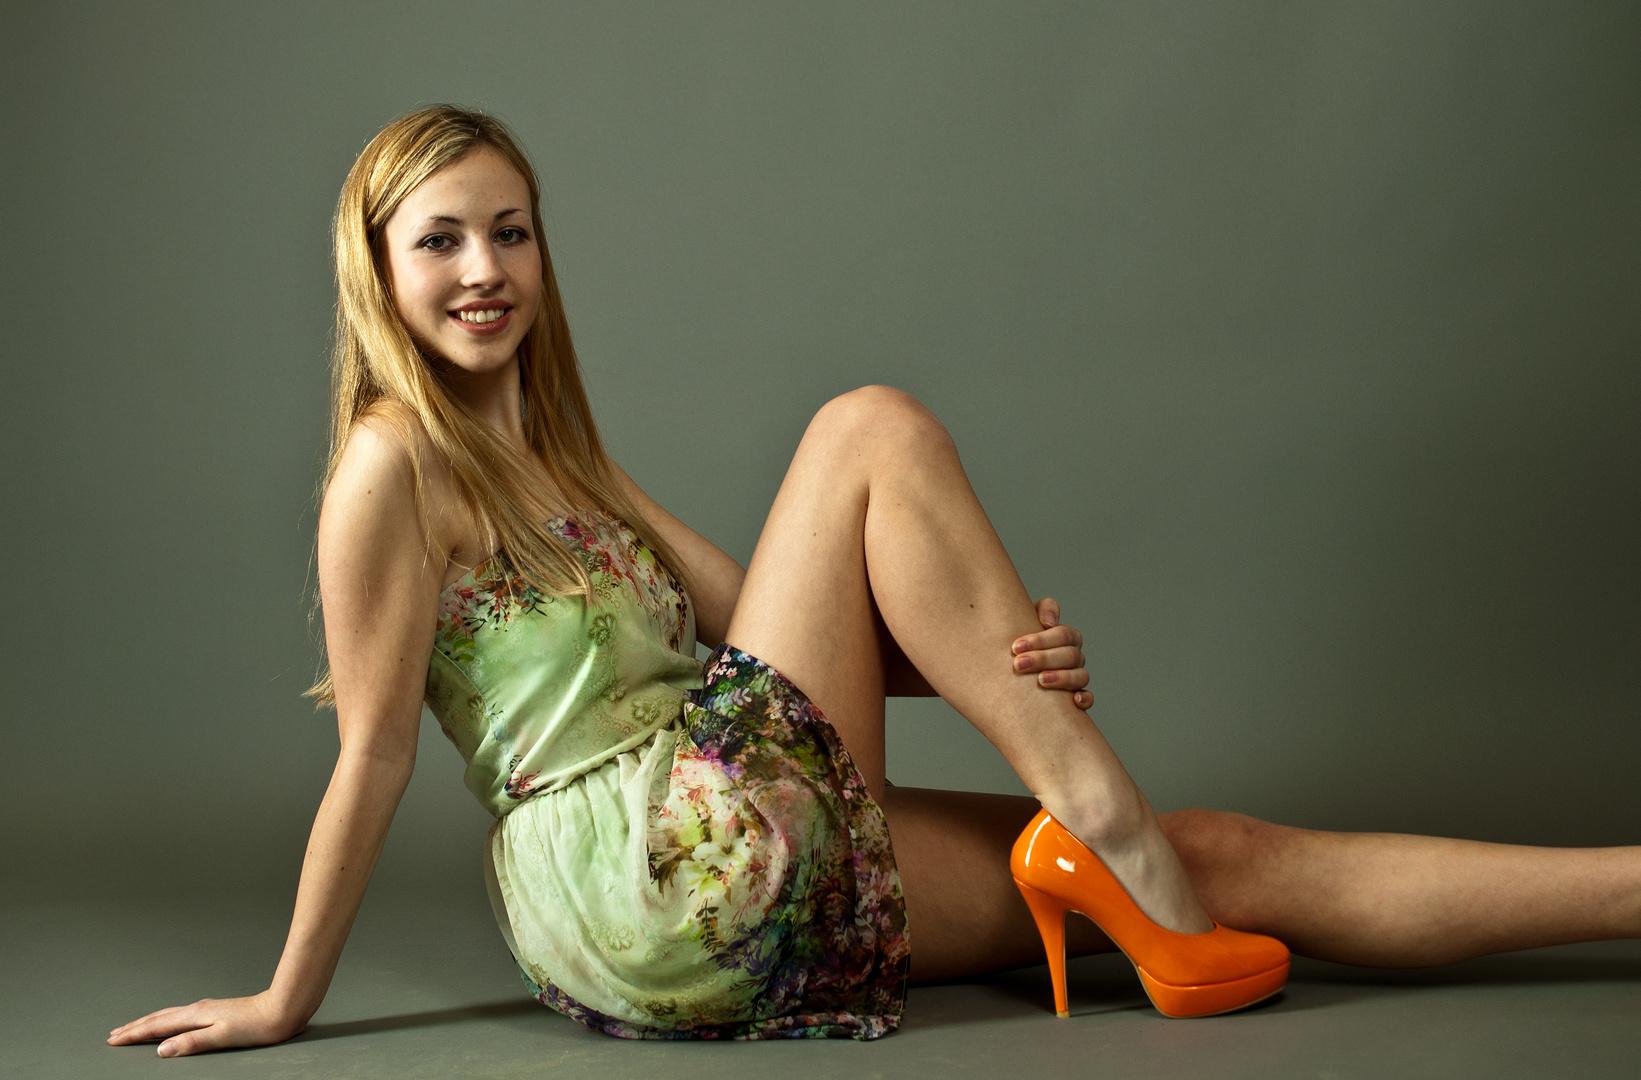 noch nie sah ich orange high heels